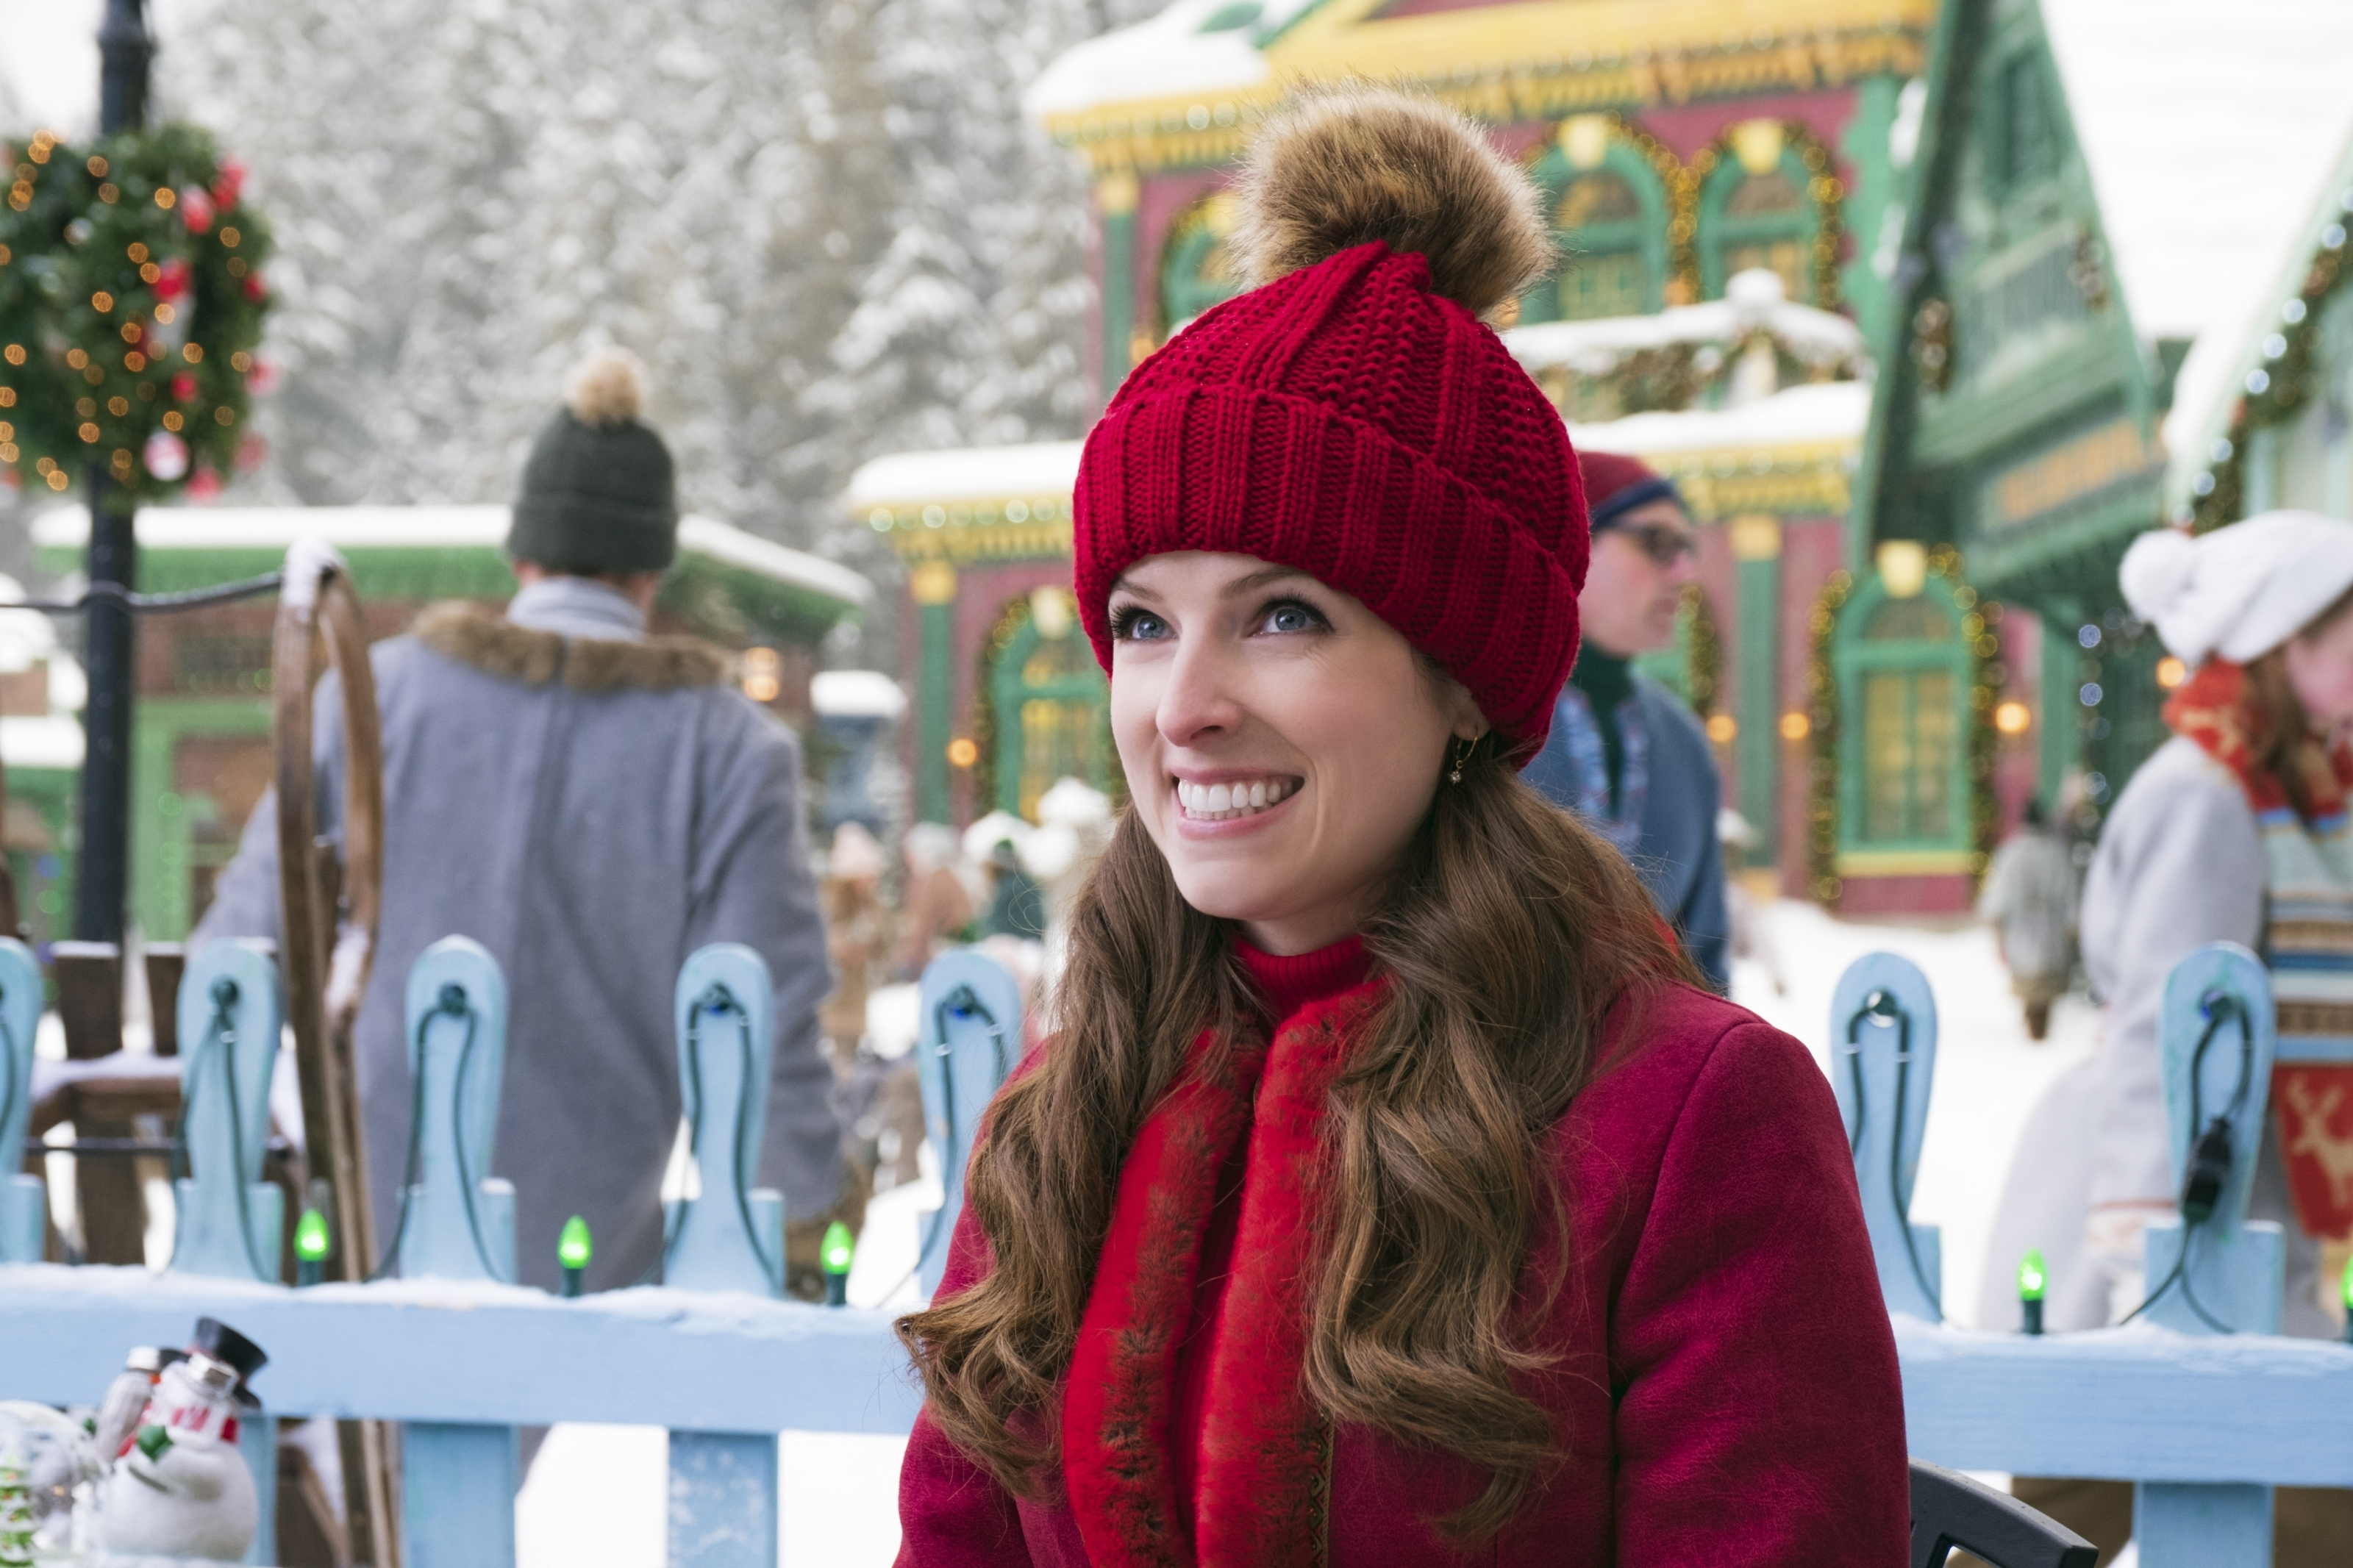 Noelle is a Disney Plus Christmas movie